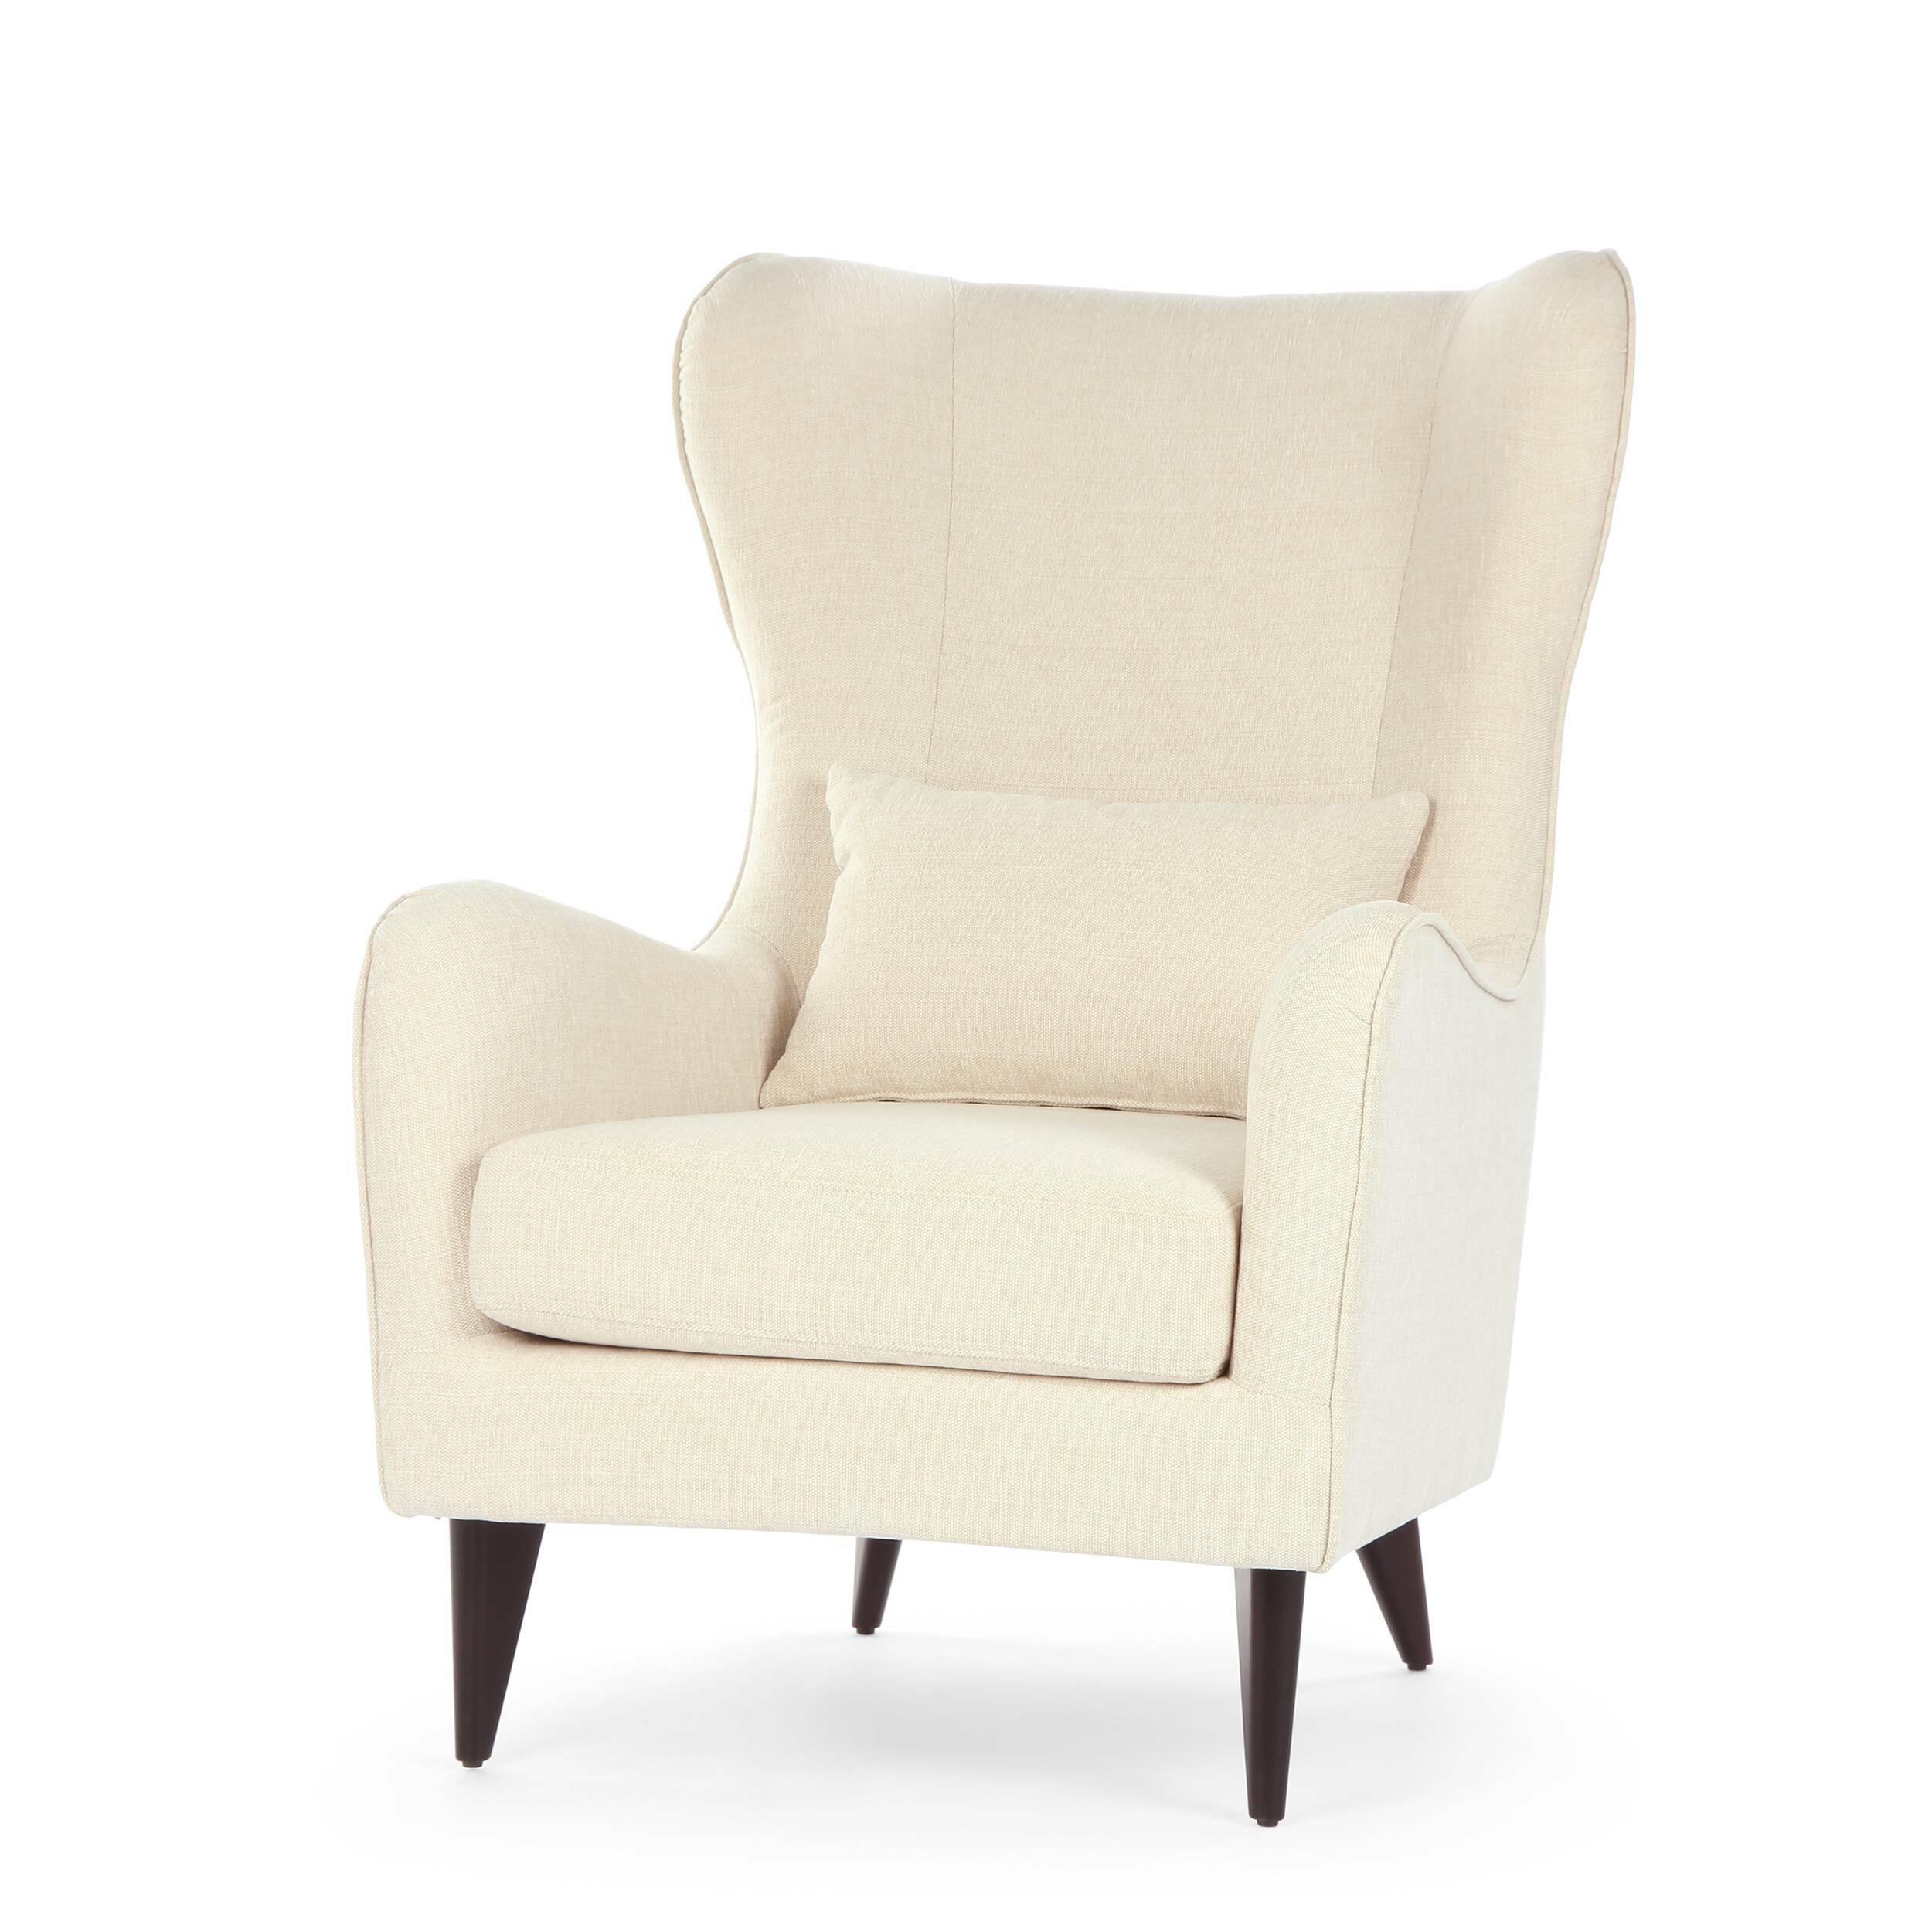 Кресло GretaИнтерьерные<br>Дизайнерское классическое удобное однотонное кресло Greta (Грета) с обивкой из хлопка, льна от Sits (Ситс).<br><br><br> Если вы ищете комфортное  и красивое кресло, которое сможет подойти как для личного отдыха, так и для уютного рабочего кабинета, то кресло Greta заслуживает вашего особого внимания. Его удобная, анатомической формы спинка и не менее удобные подлокотники способствуют действительно качественному отдыху и не дадут утомиться вашей спине. Расположенные с двух сторон «уши» позволят п...<br><br>stock: 2<br>Высота: 108<br>Высота сиденья: 45<br>Ширина: 77<br>Глубина: 93<br>Цвет ножек: Темно-коричневый<br>Материал обивки: Ткань<br>Степень комфортности: Стандарт комфорт<br>Тип материала ножек: Дерево<br>Цвет обивки: Бежевый